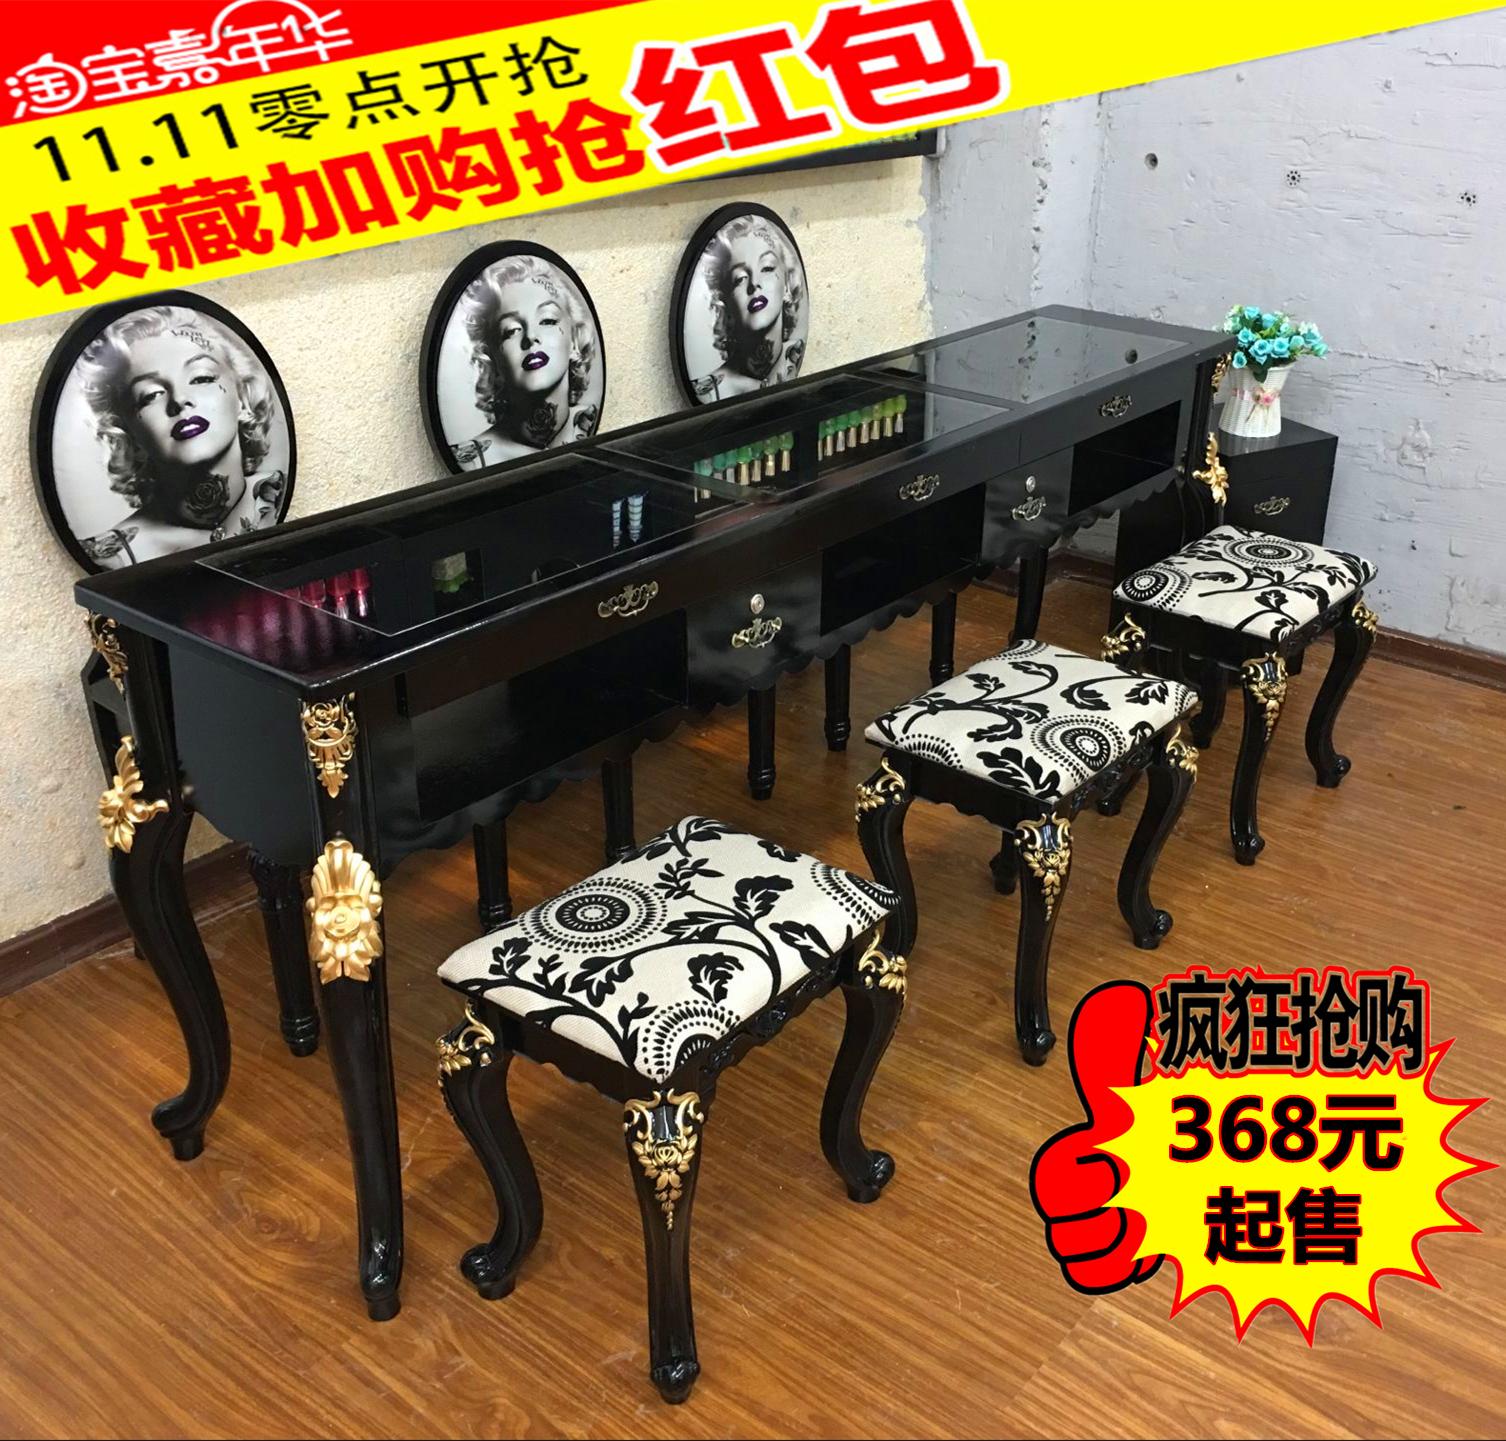 Продаётся напрямую с завода гвоздь магазин использование гвоздь стол один двойной три человека все черные гвоздь стол продажа ограничена по времени